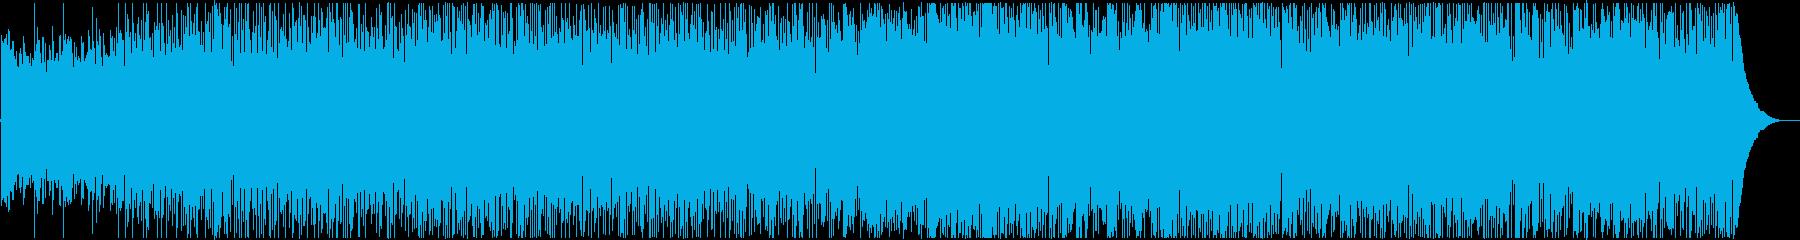 イージーリスニングインストゥルメン...の再生済みの波形